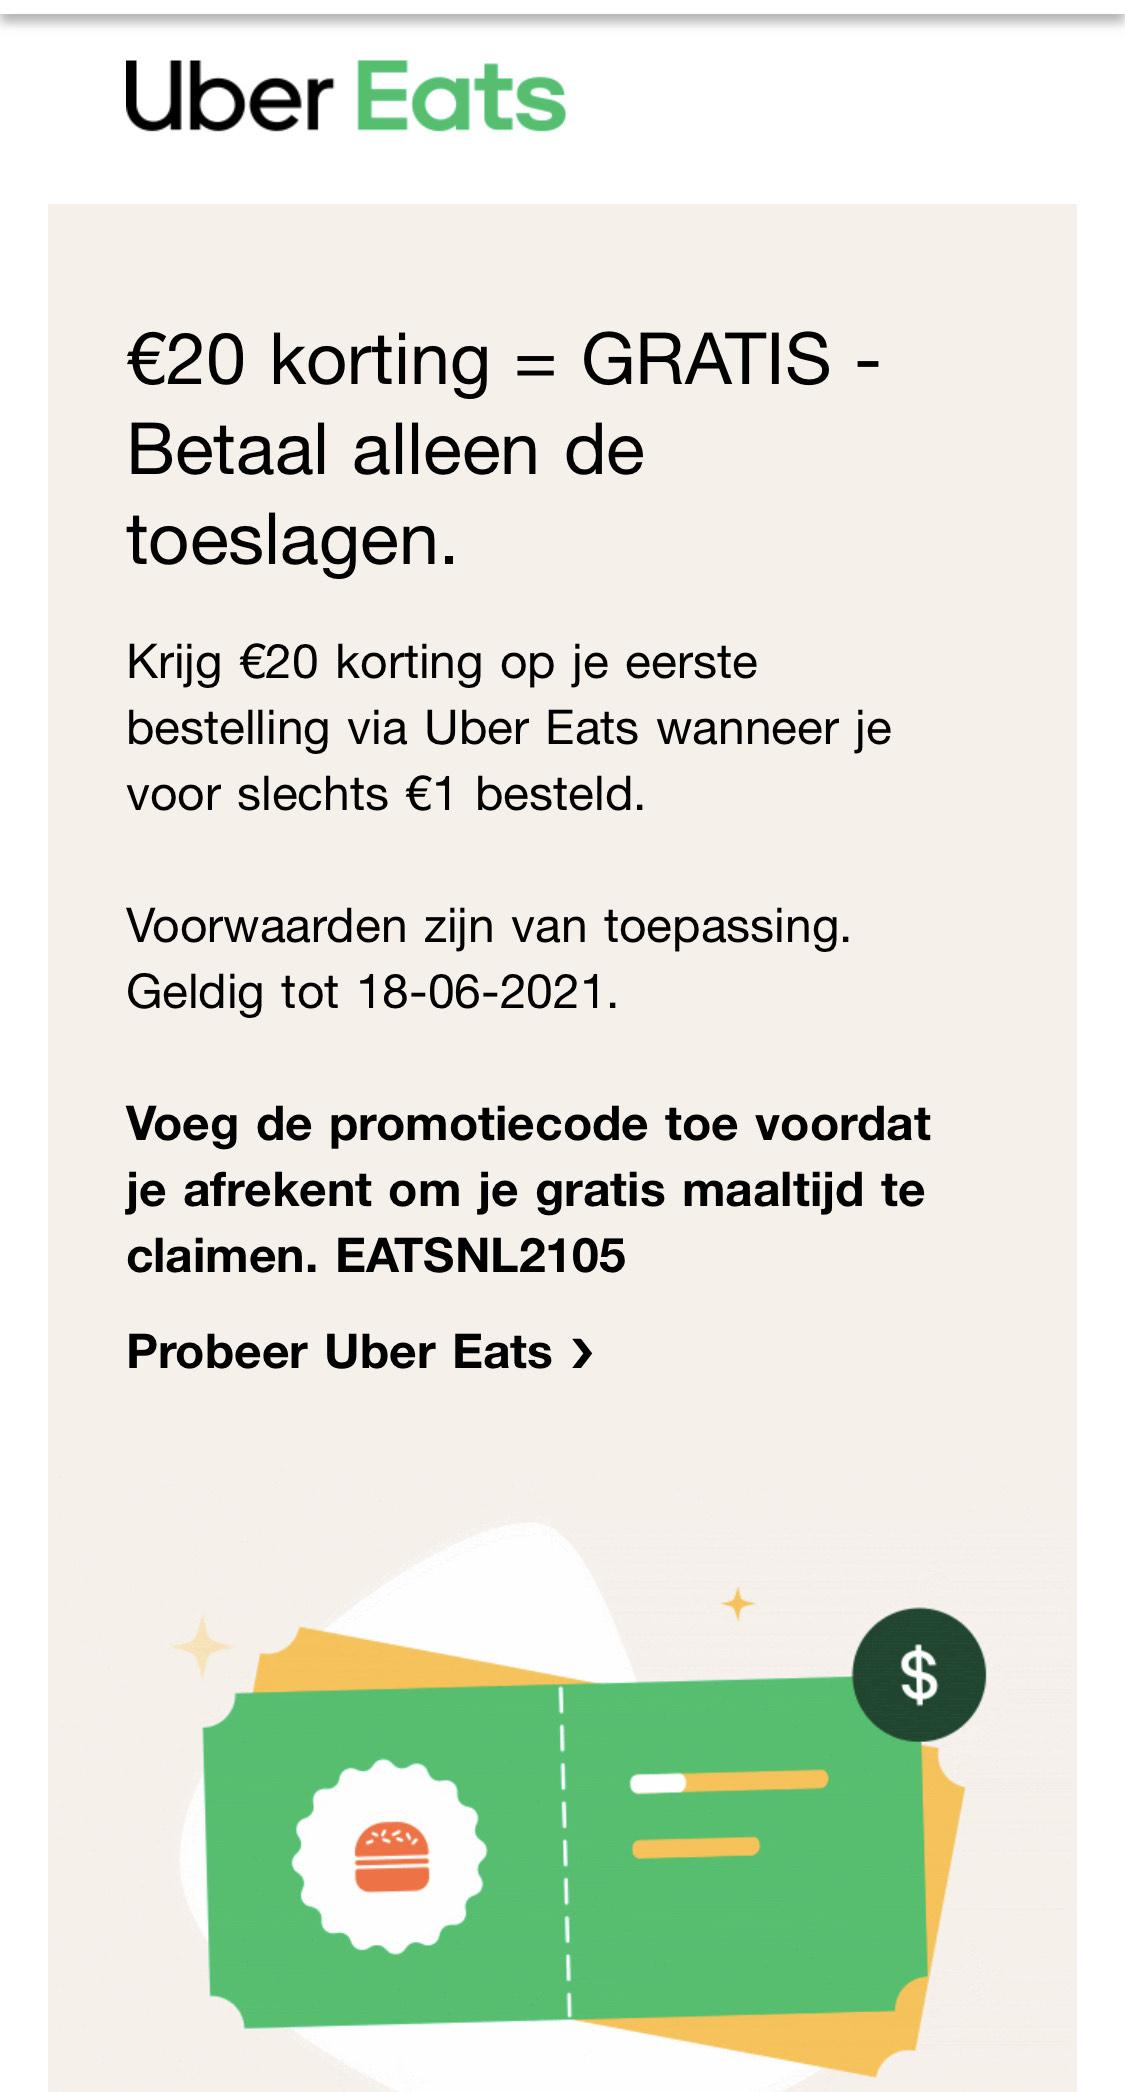 €20 korting @Uber eats - Betaal alleen de toeslagen.